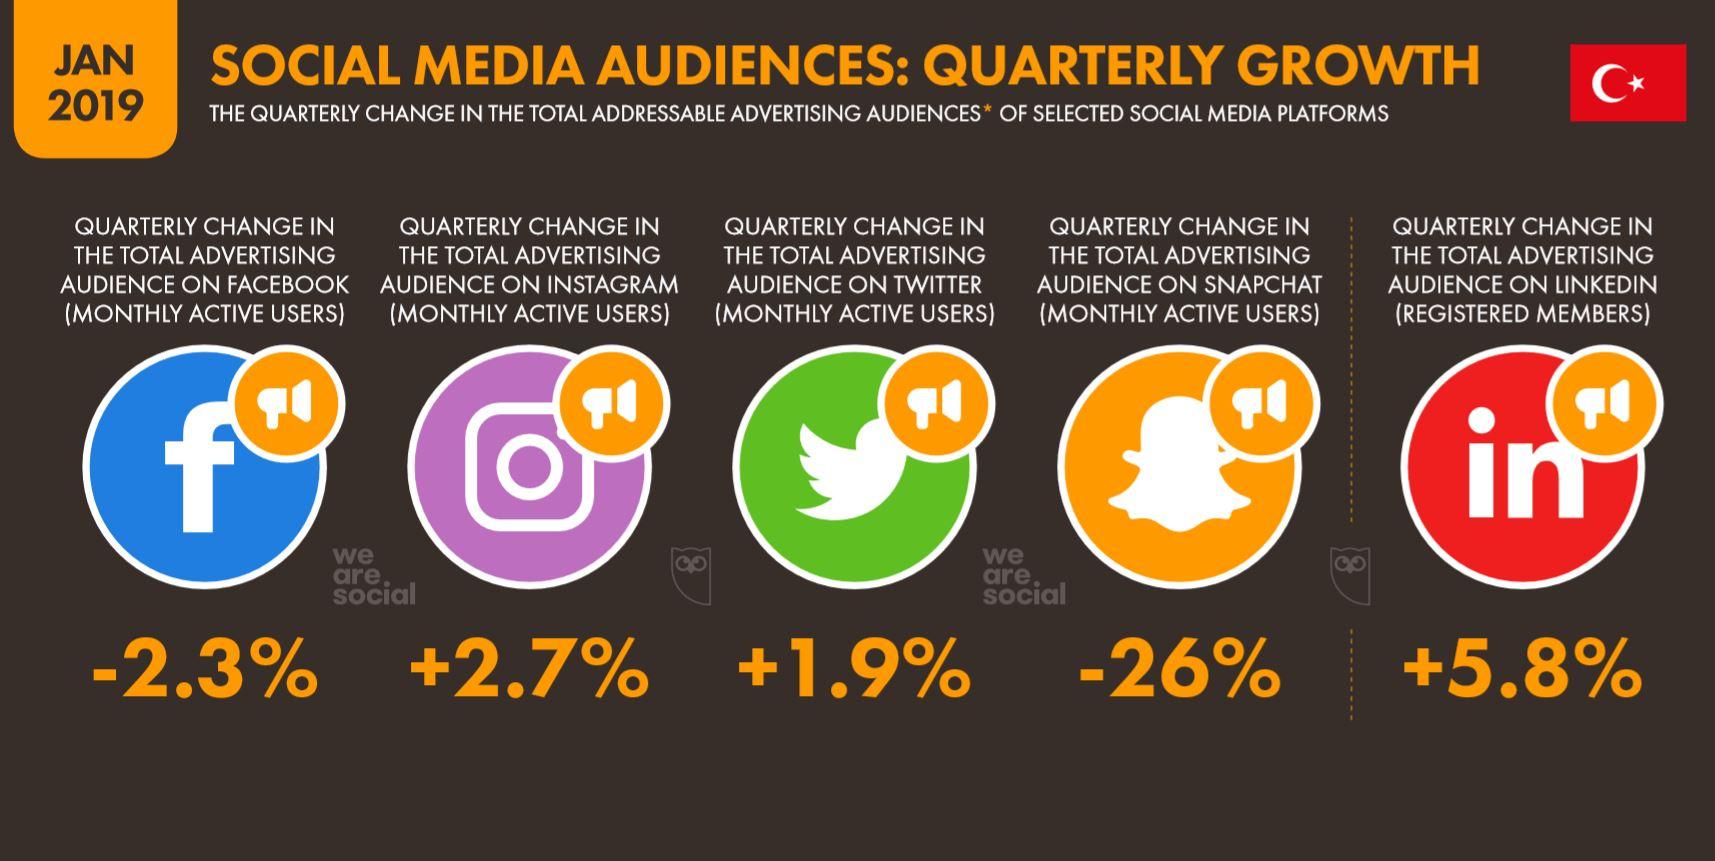 We Are Social 2019 Türkiye Sosyal Medya Kullanıcı Sayıları Yıllık Büyüme Oranları